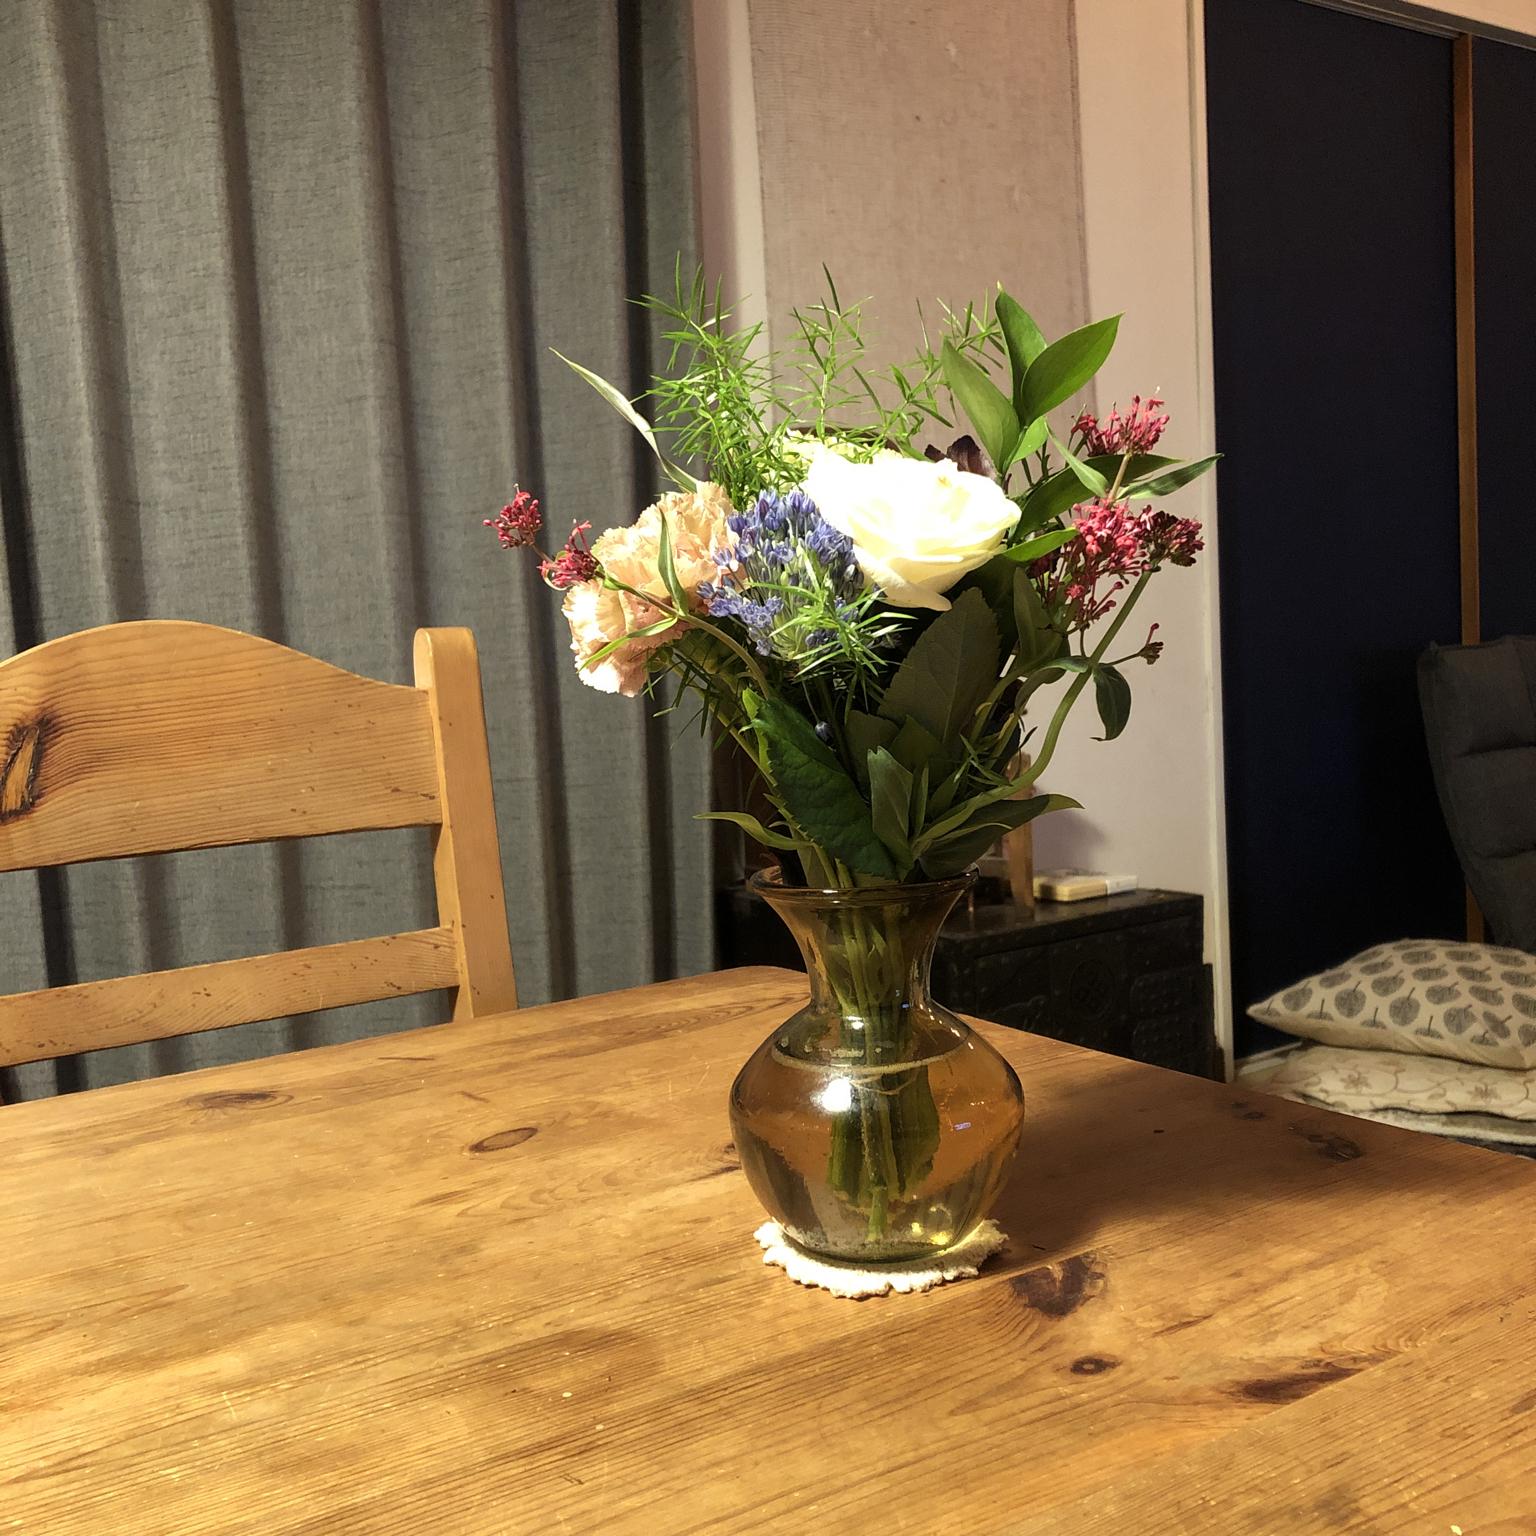 ダイニングテーブル/DIY/古道具のある暮らし/ふるいものが好き/植物のある暮らし...などのインテリア実例 - 2021-05-15 22:35:52